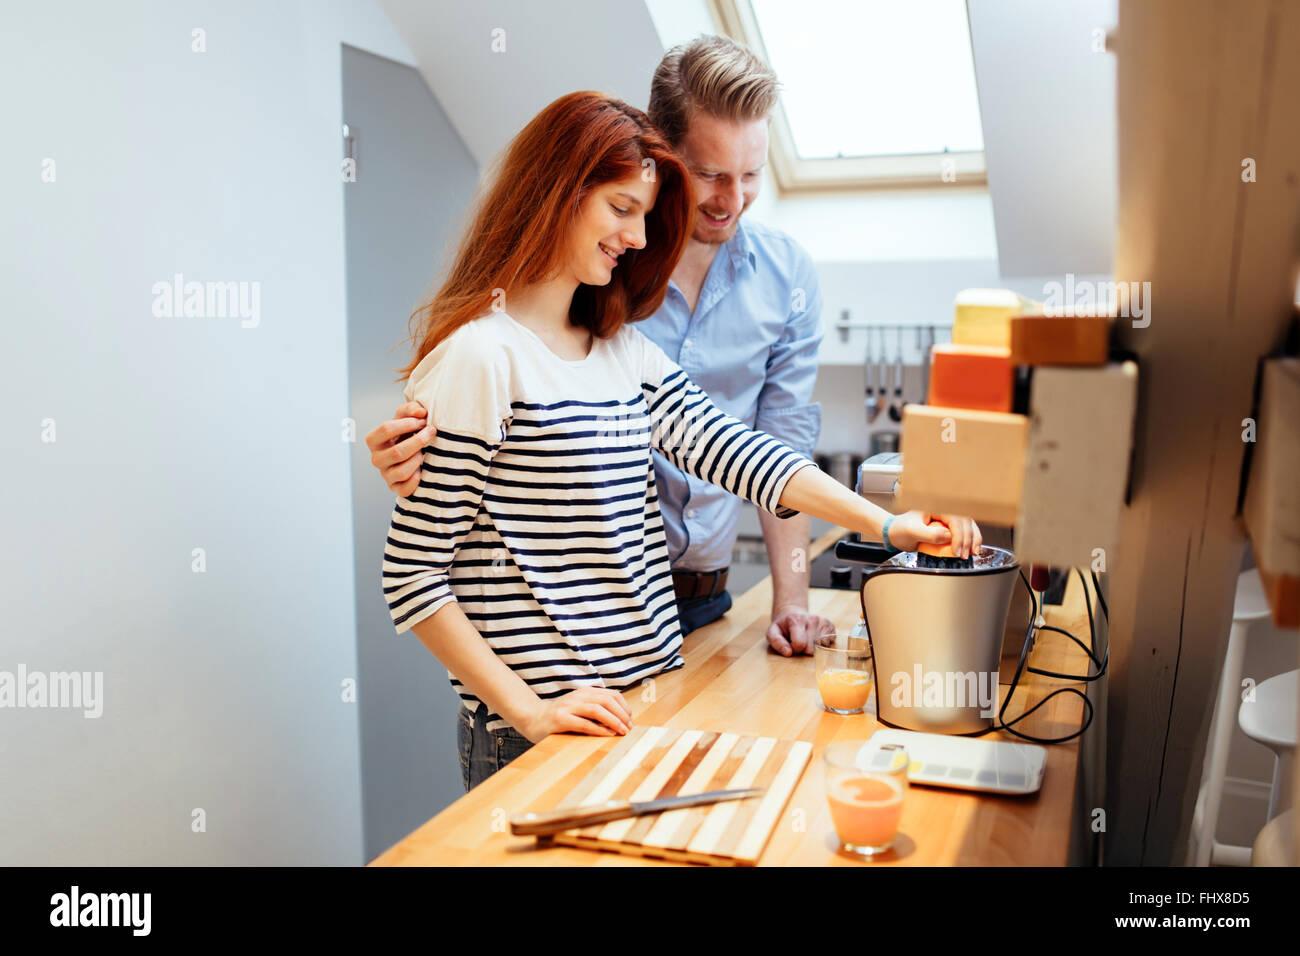 Mann, die Frau in der Küche Mahlzeiten zubereiten zu helfen Stockbild